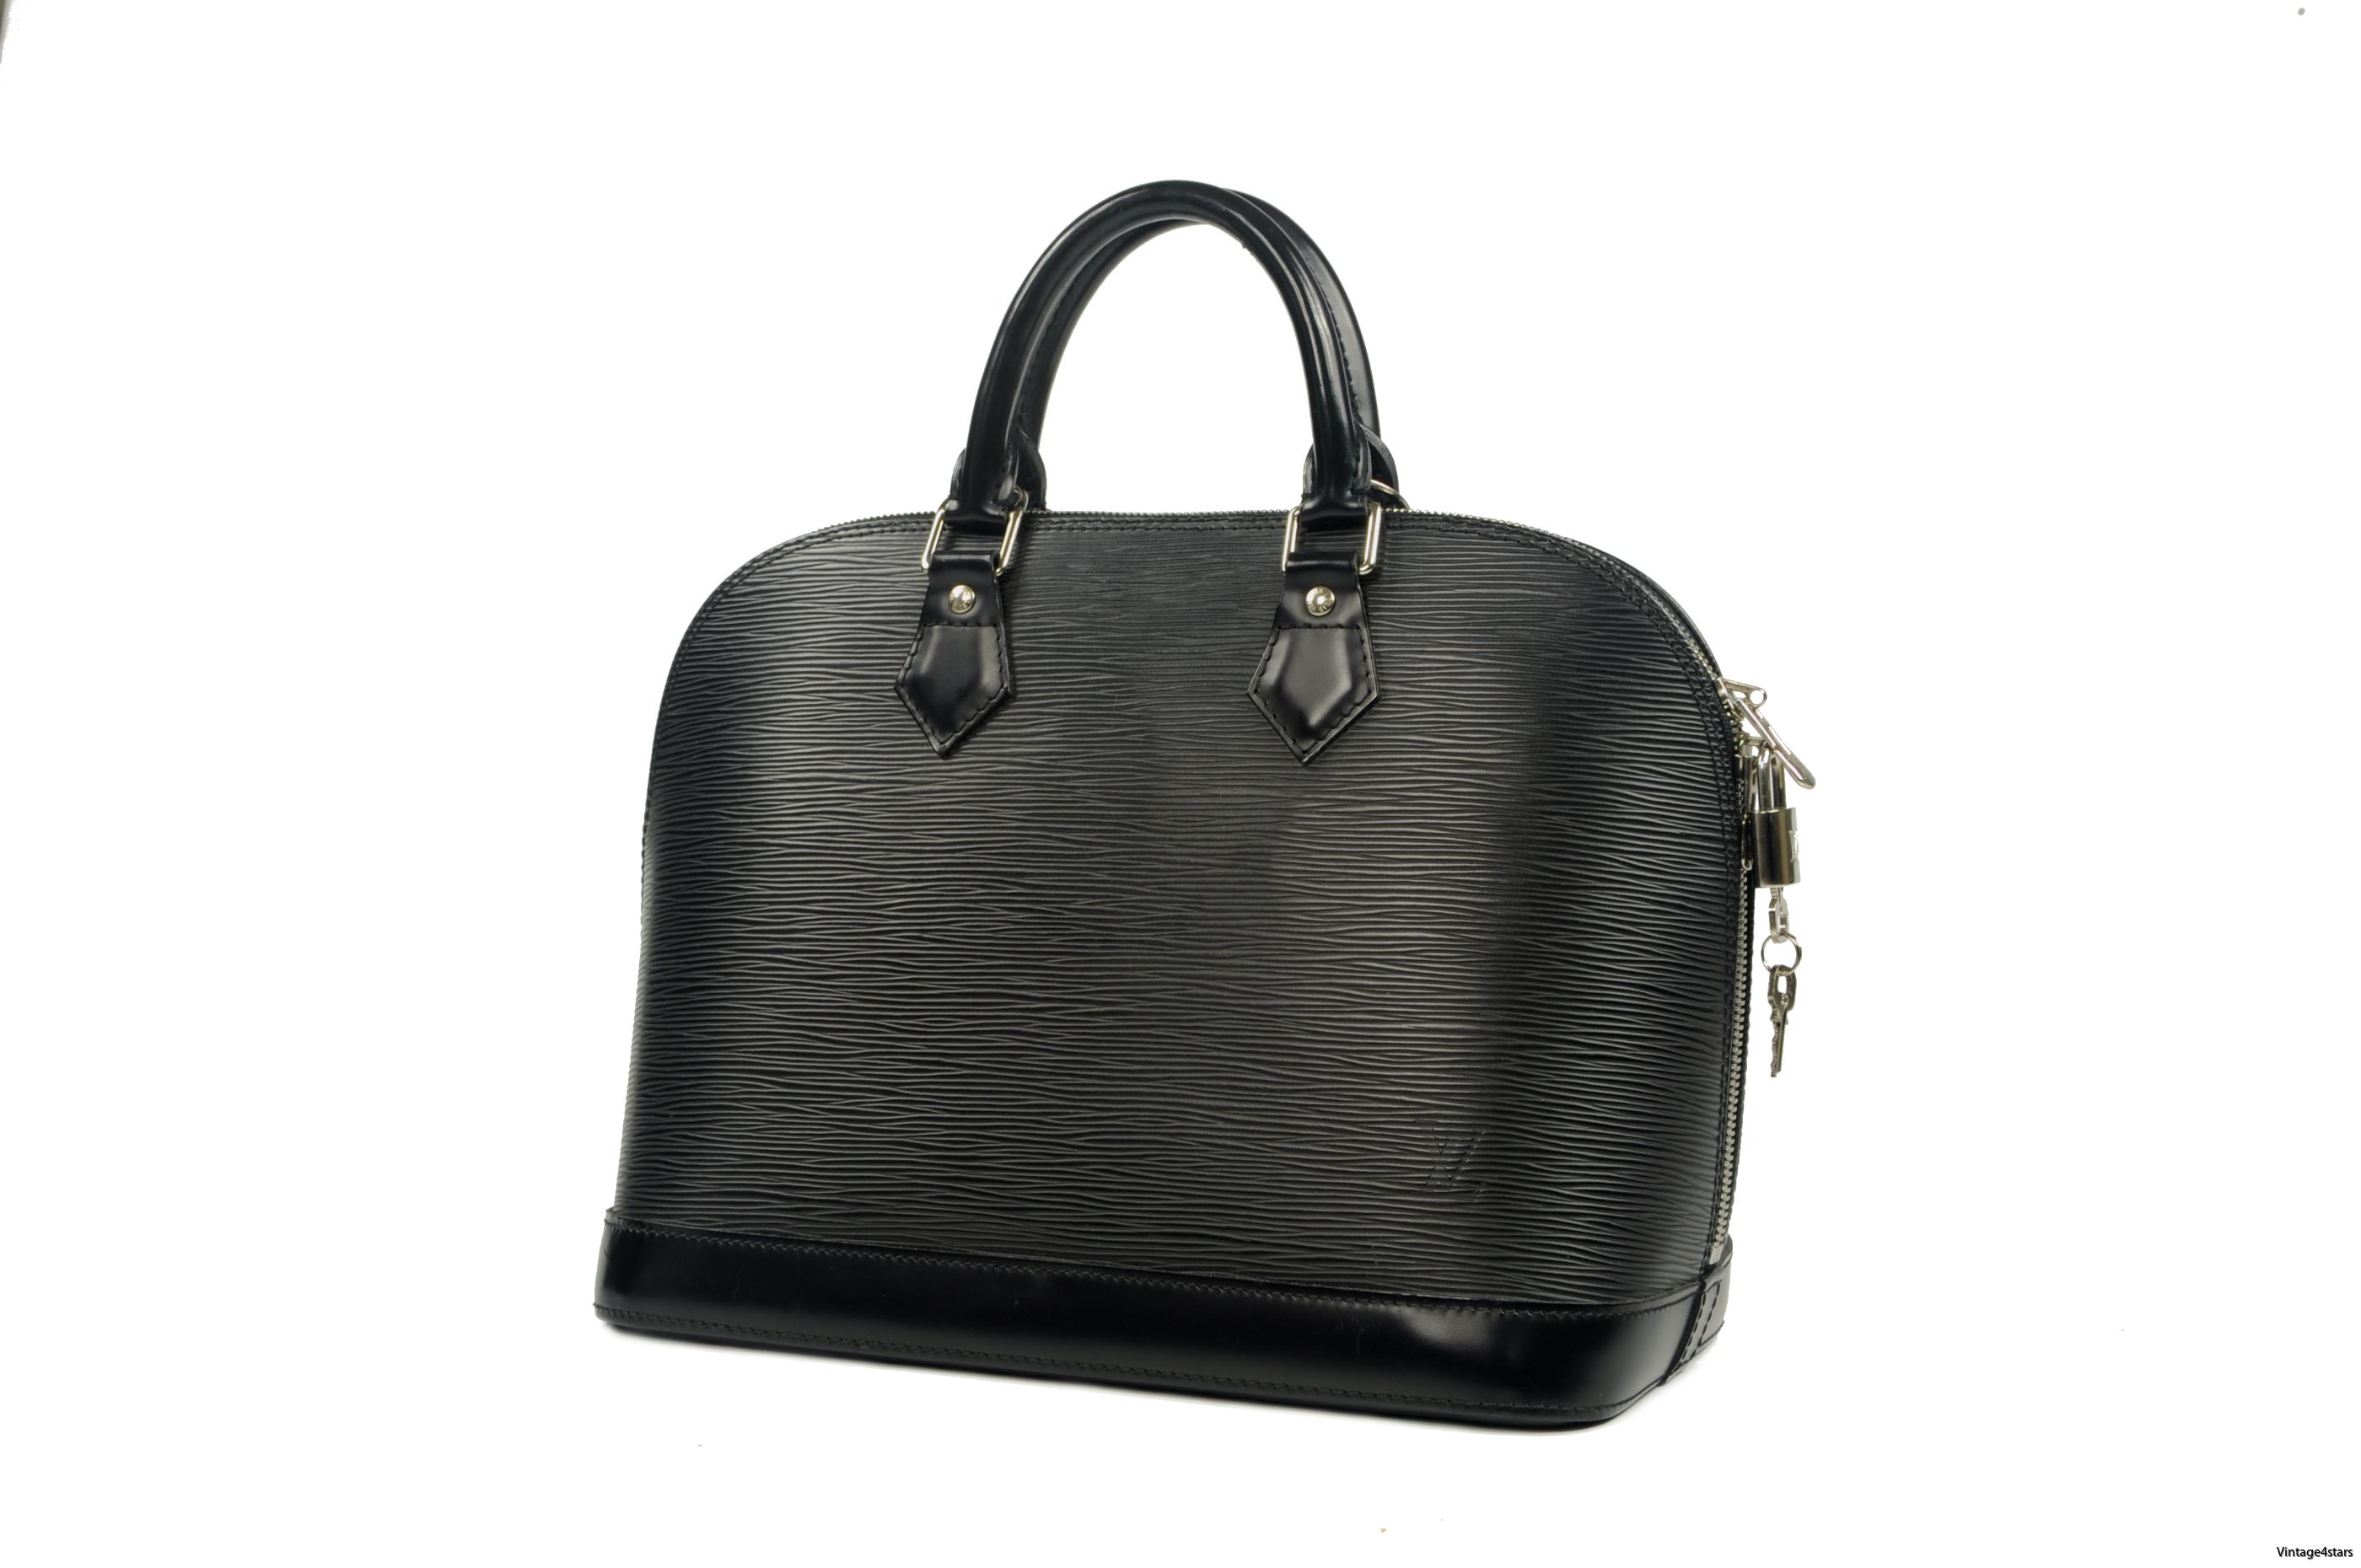 Louis Vuitton Alma PM SHW 3